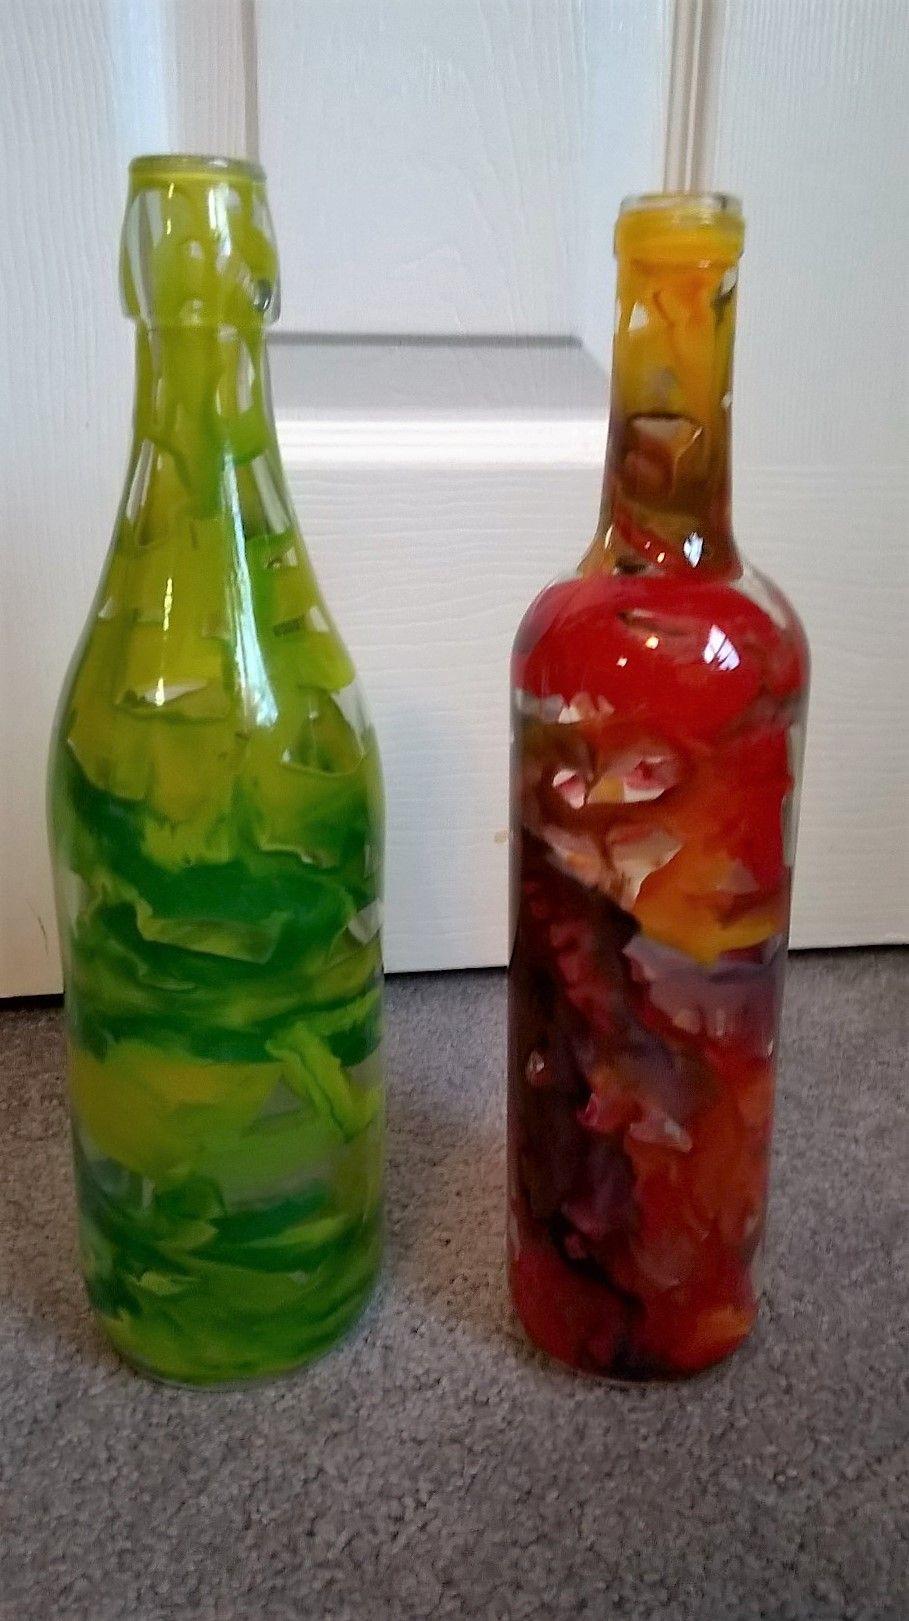 Melted crayon wine bottles bottles - How do you melt glass bottles ...